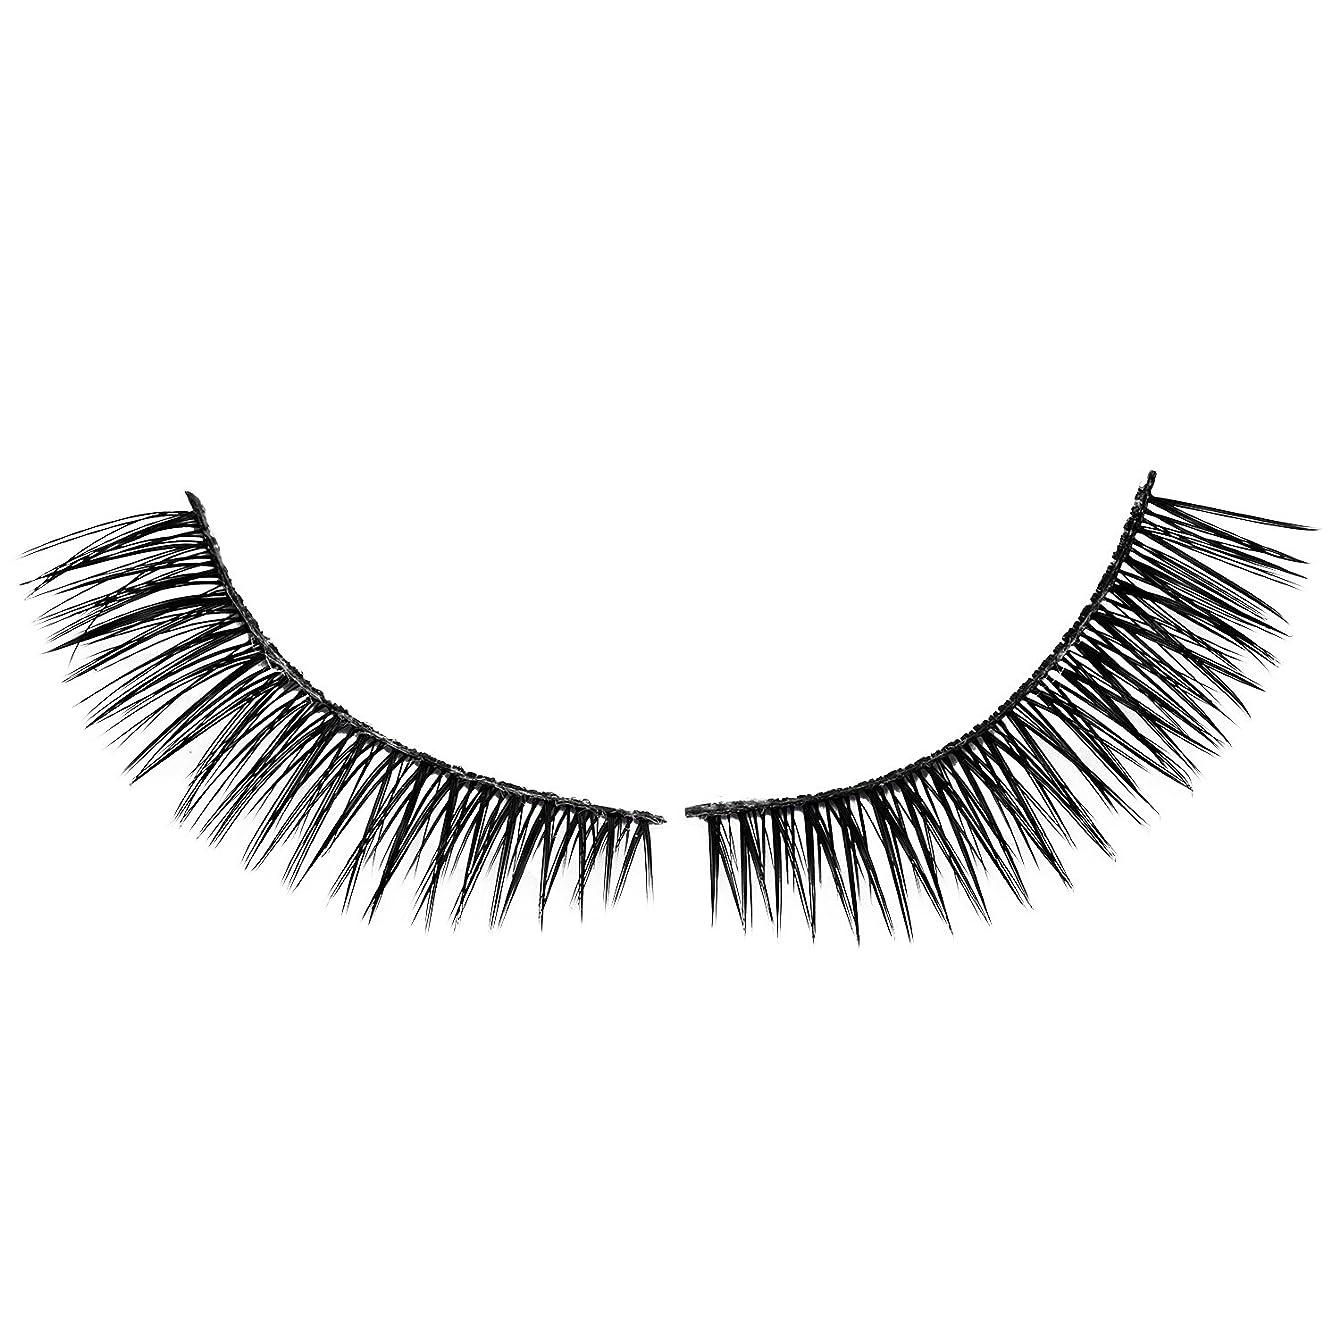 ベテラン竜巻バタフライSODIAL 1組つけまつげ人工睫毛自然美容メイクつけまつげ018